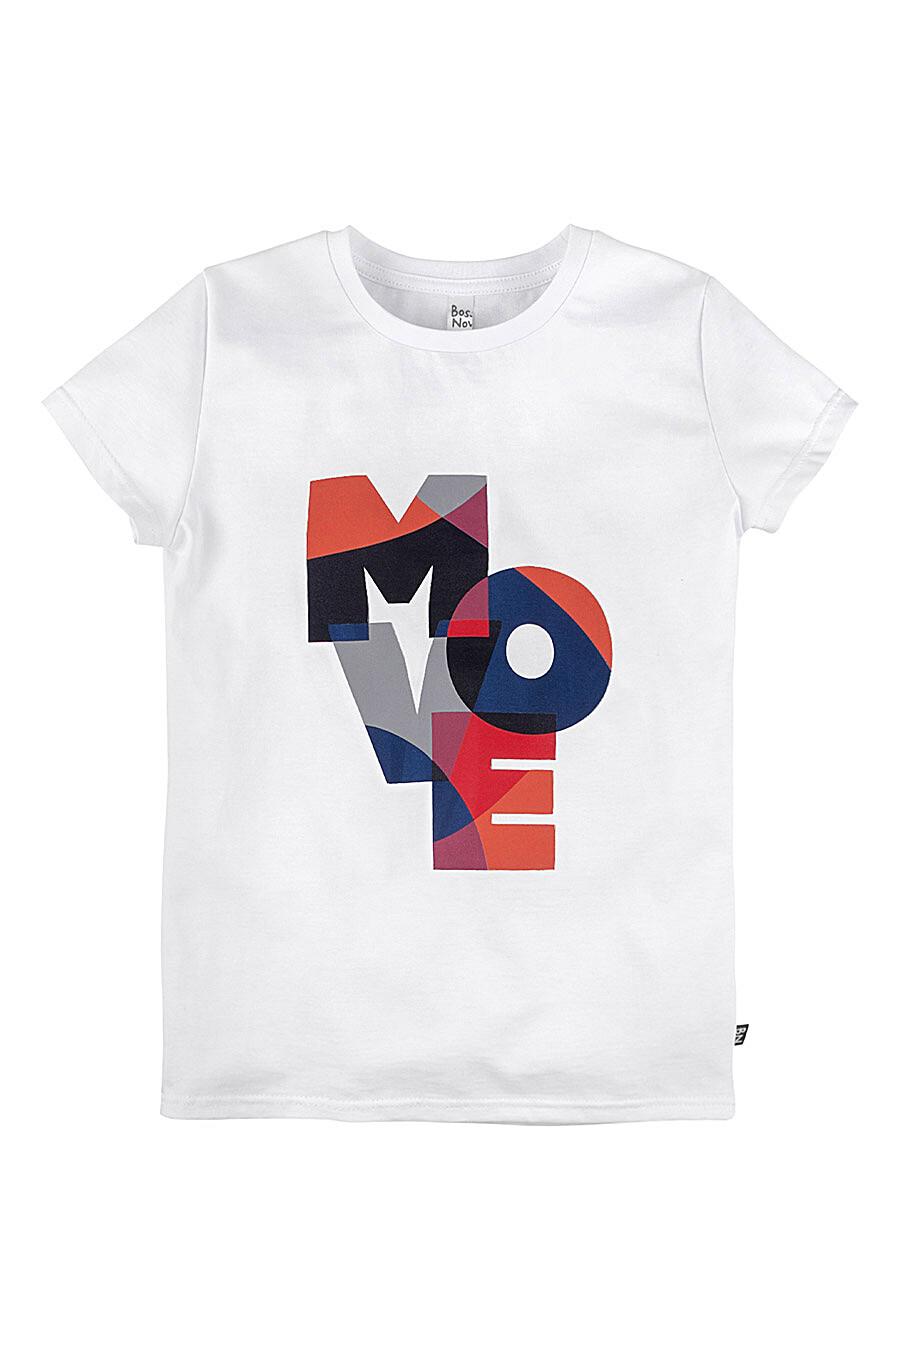 Футболка для девочек BOSSA NOVA 219665 купить оптом от производителя. Совместная покупка детской одежды в OptMoyo